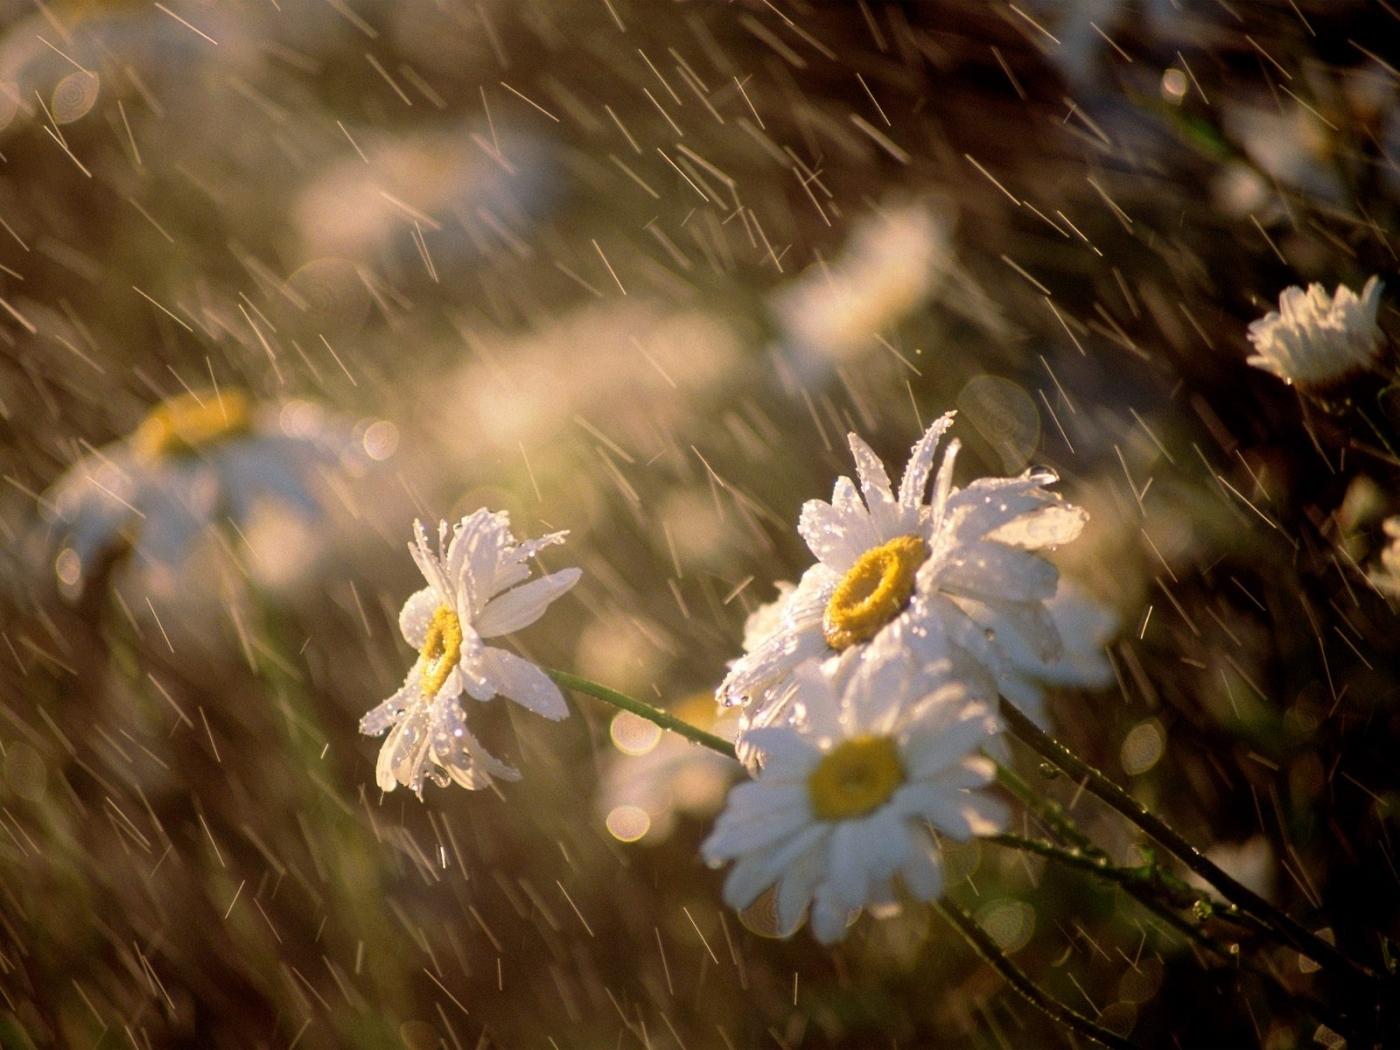 48934 скачать обои Растения, Цветы, Ромашки - заставки и картинки бесплатно